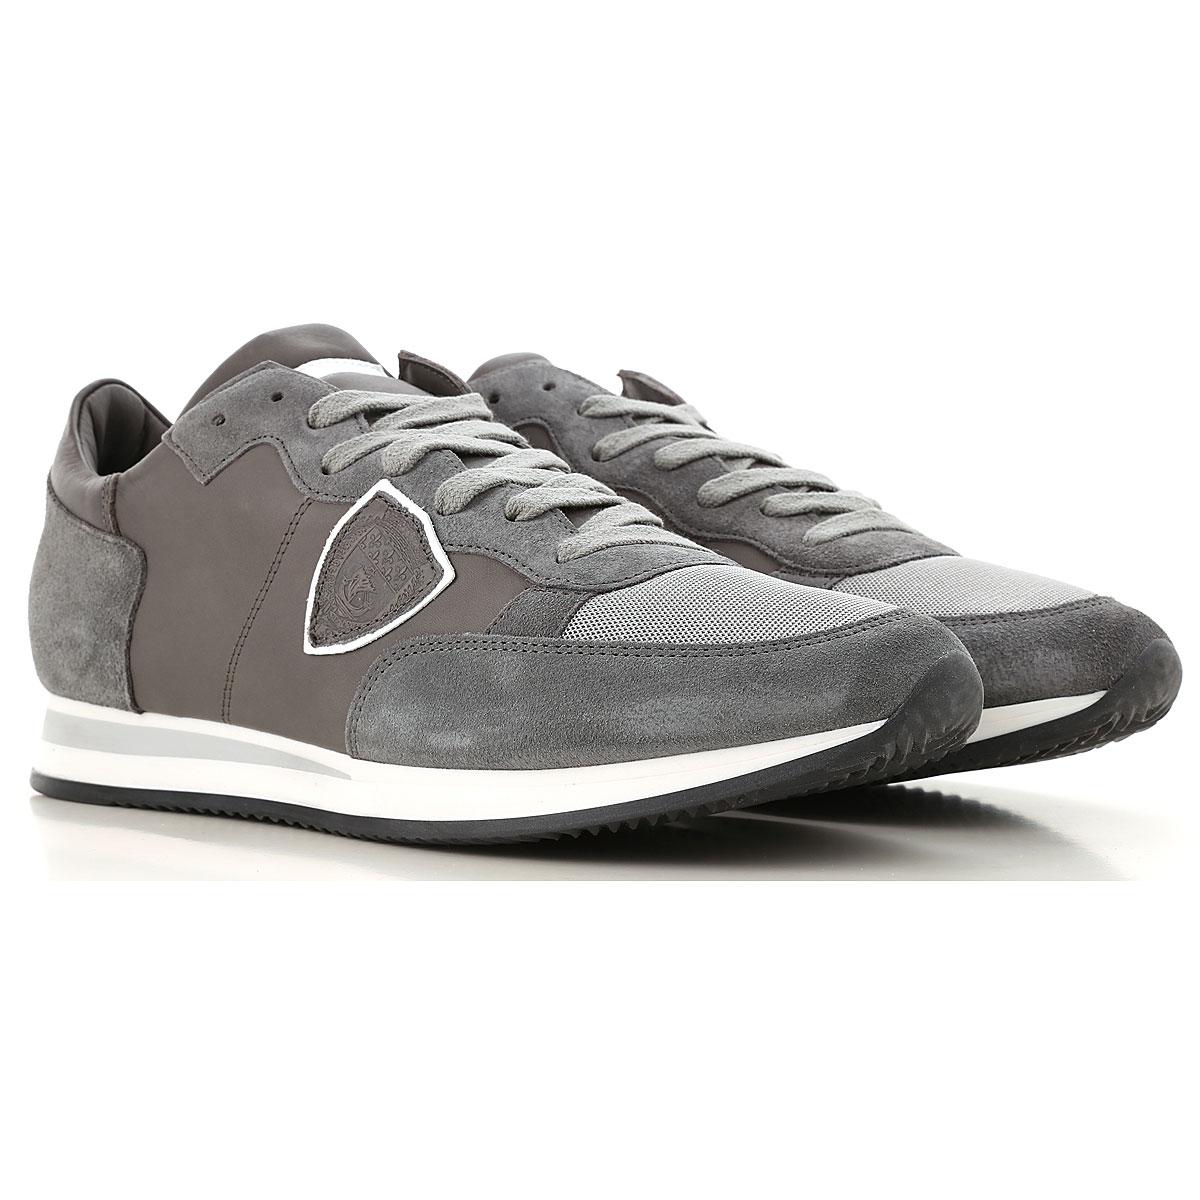 Philippe Model Sneaker Homme, Charbon, Daim, 2019, 42 43 44 45